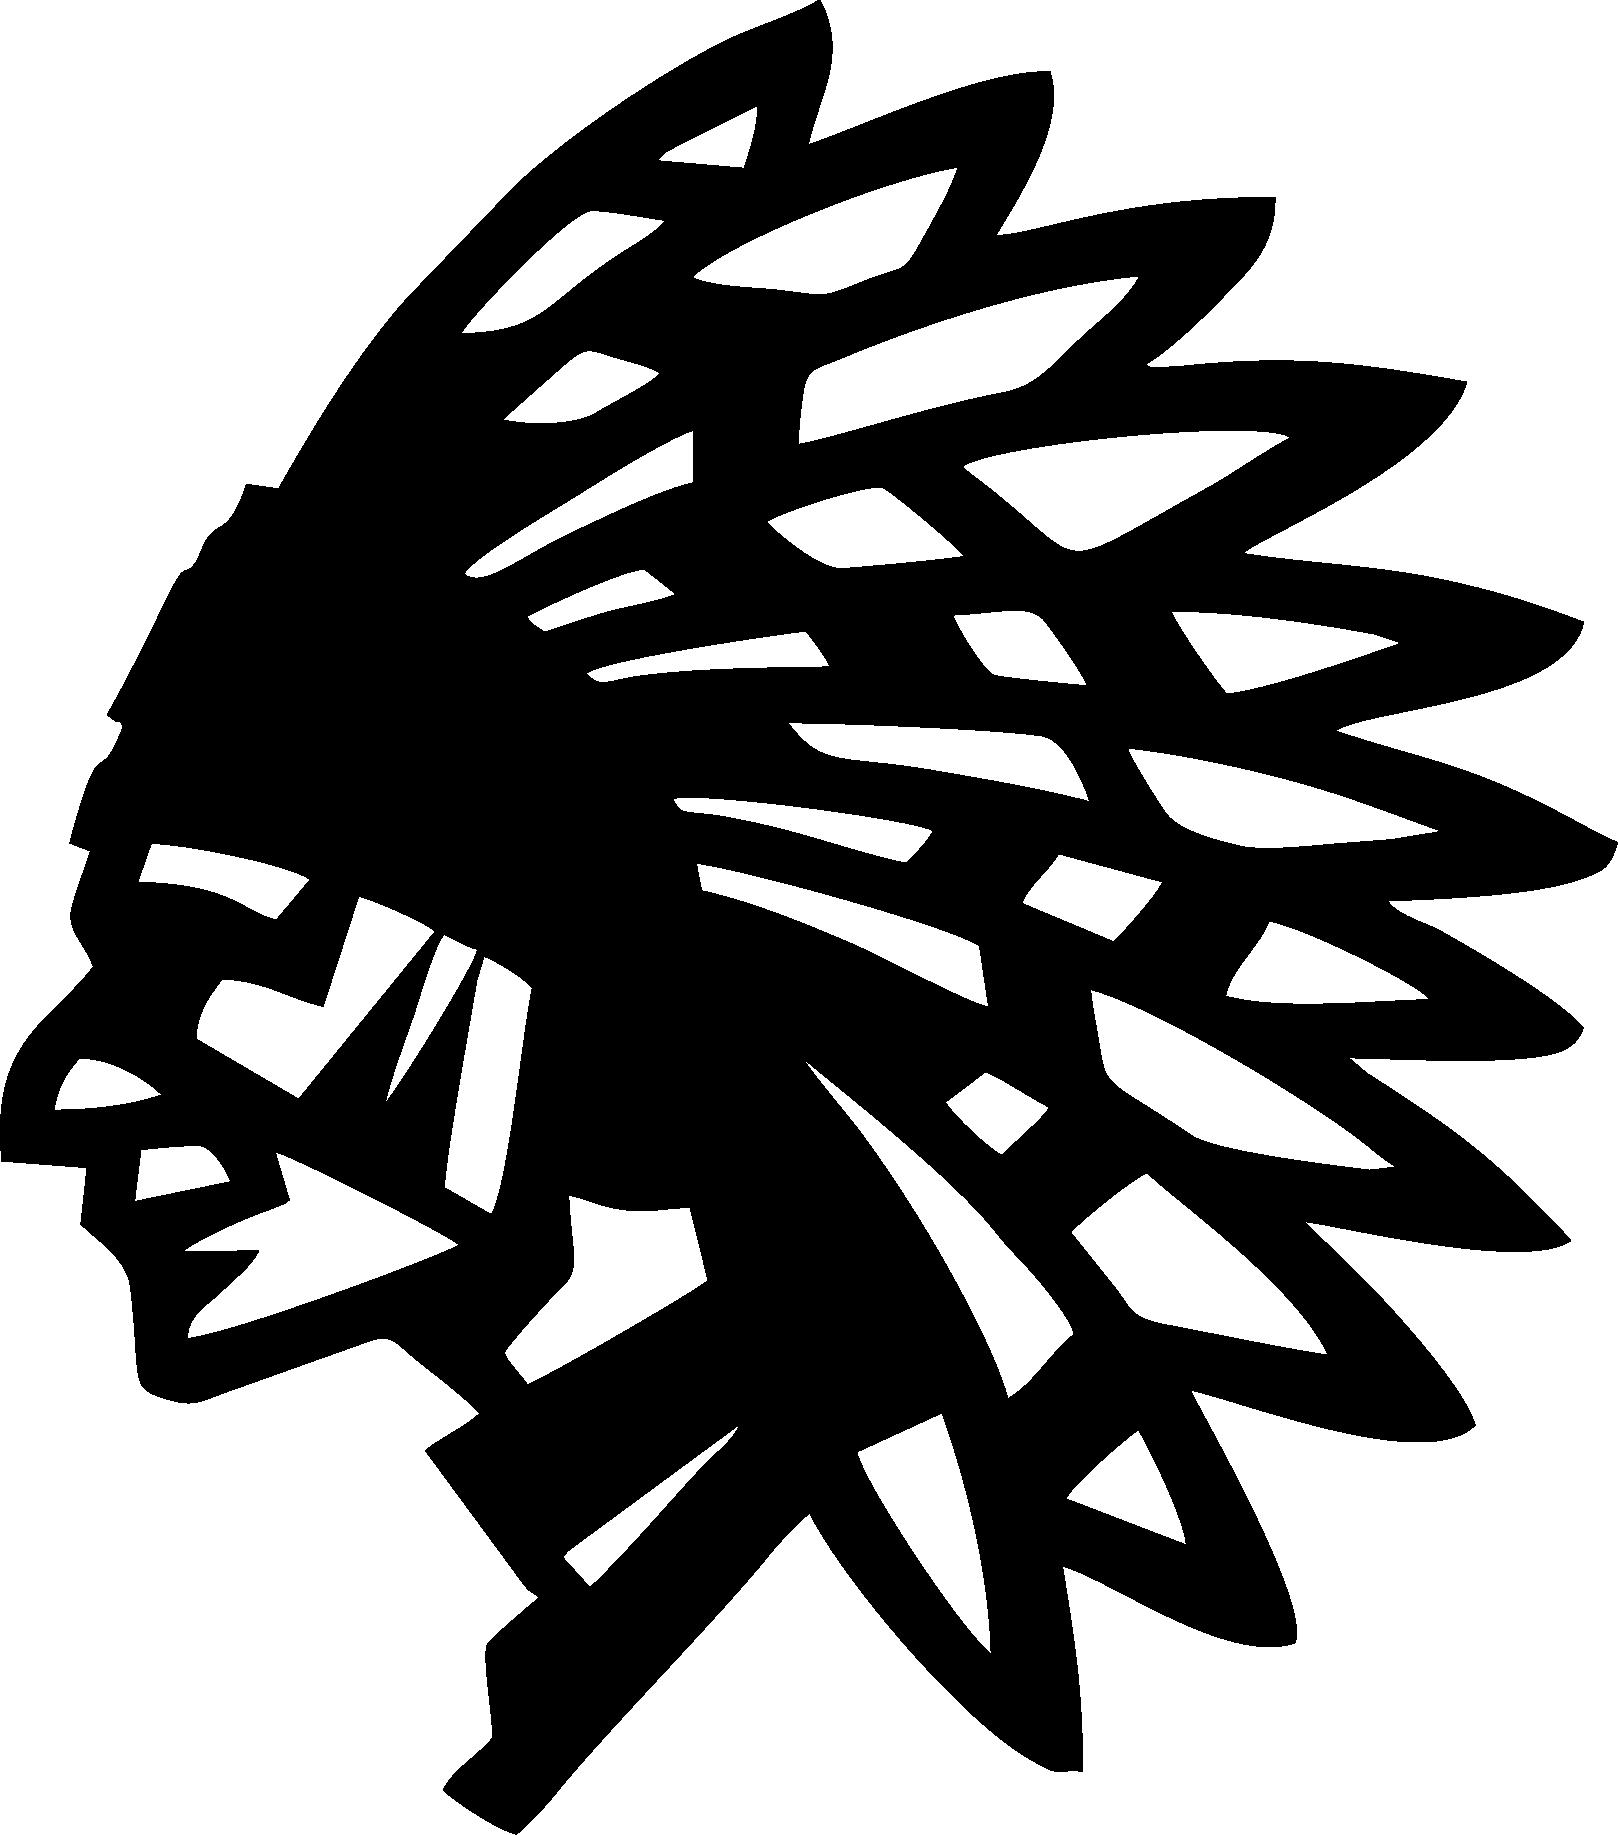 v-avtomobilnoy-eble